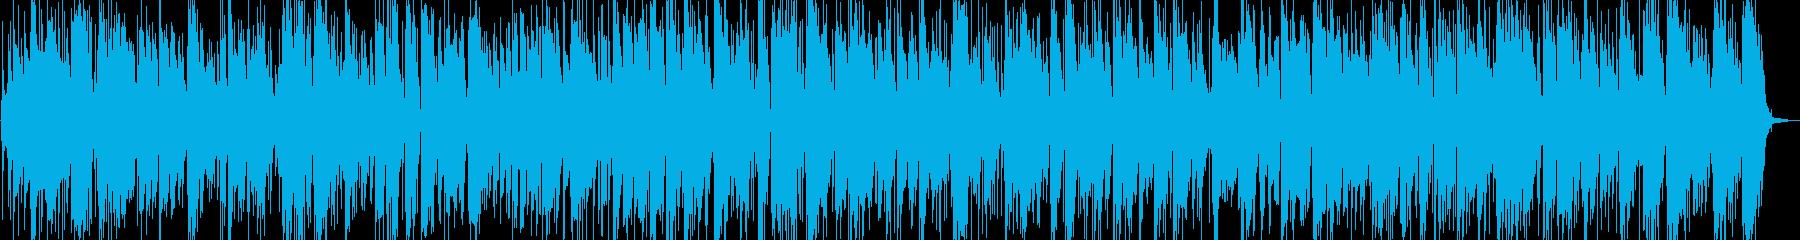 おしゃれかっこいいサックスジャズバラードの再生済みの波形